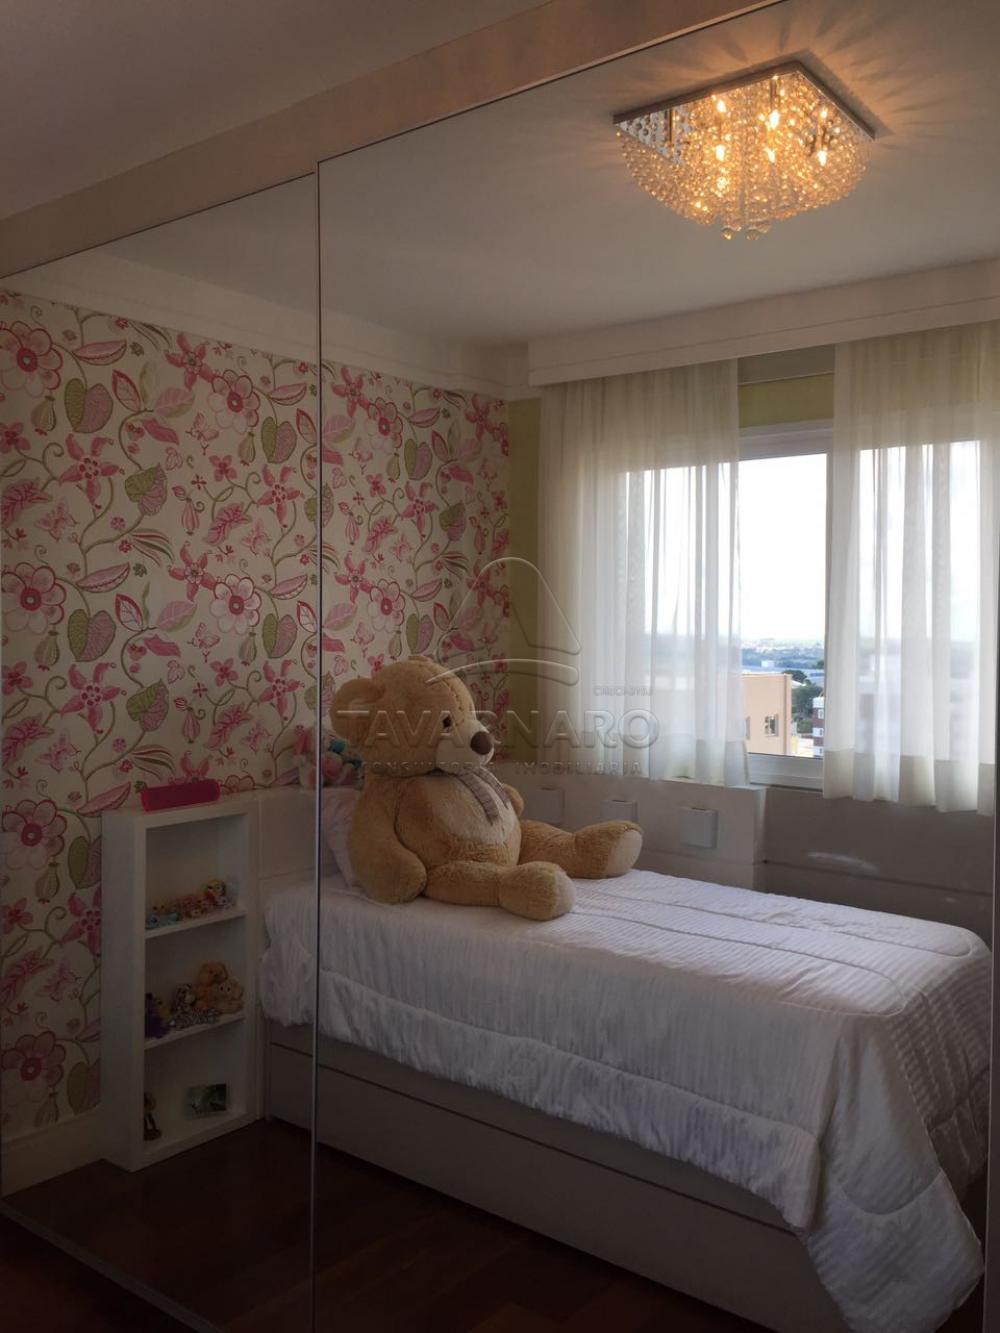 Comprar Apartamento / Padrão em Ponta Grossa apenas R$ 795.000,00 - Foto 16